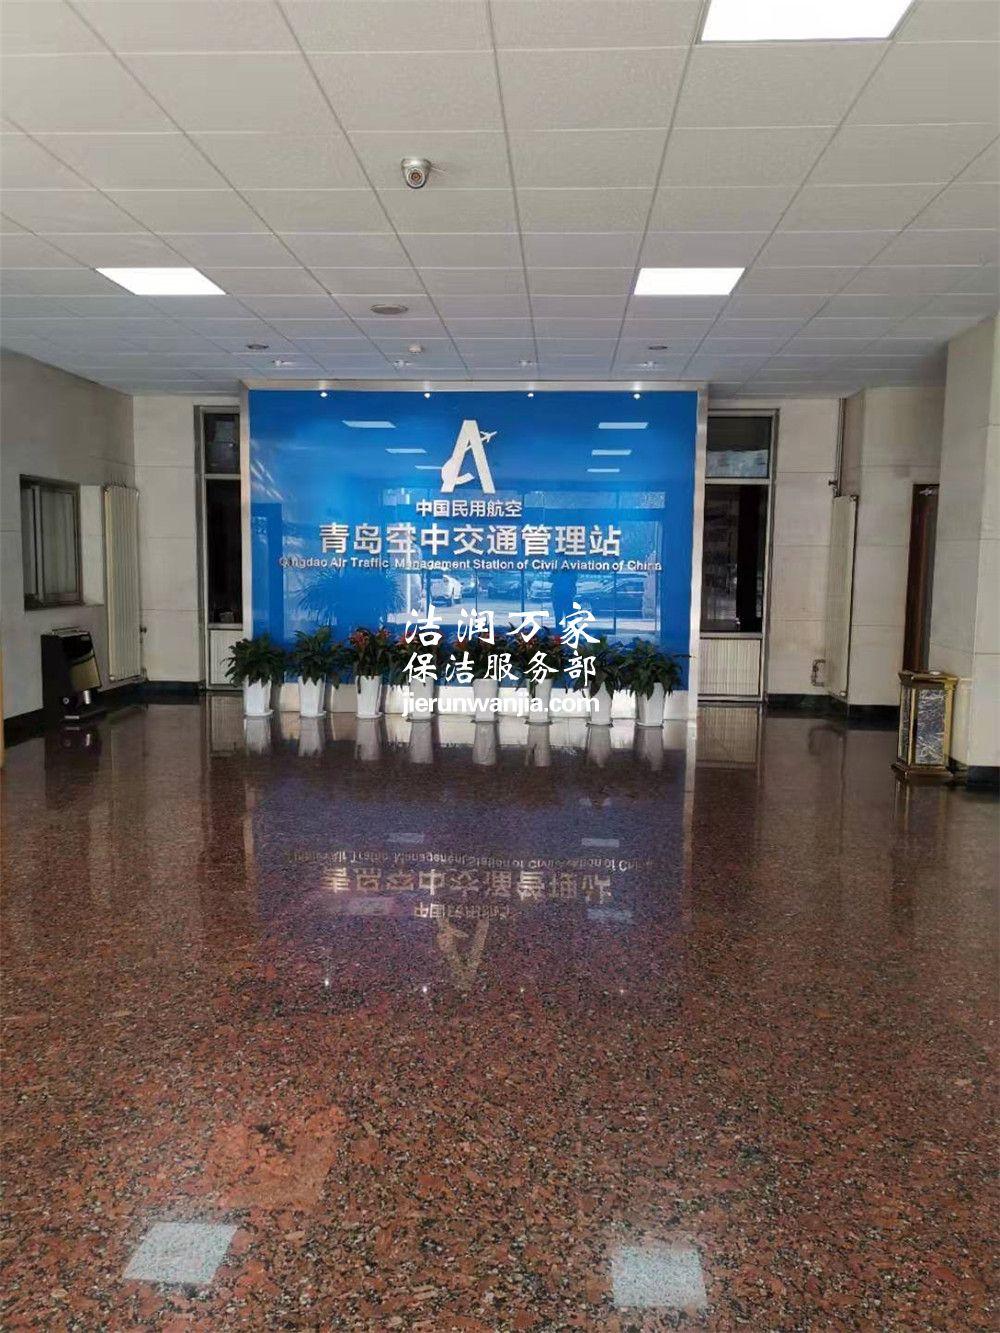 青岛航空交通管理站玻璃全方位清洁